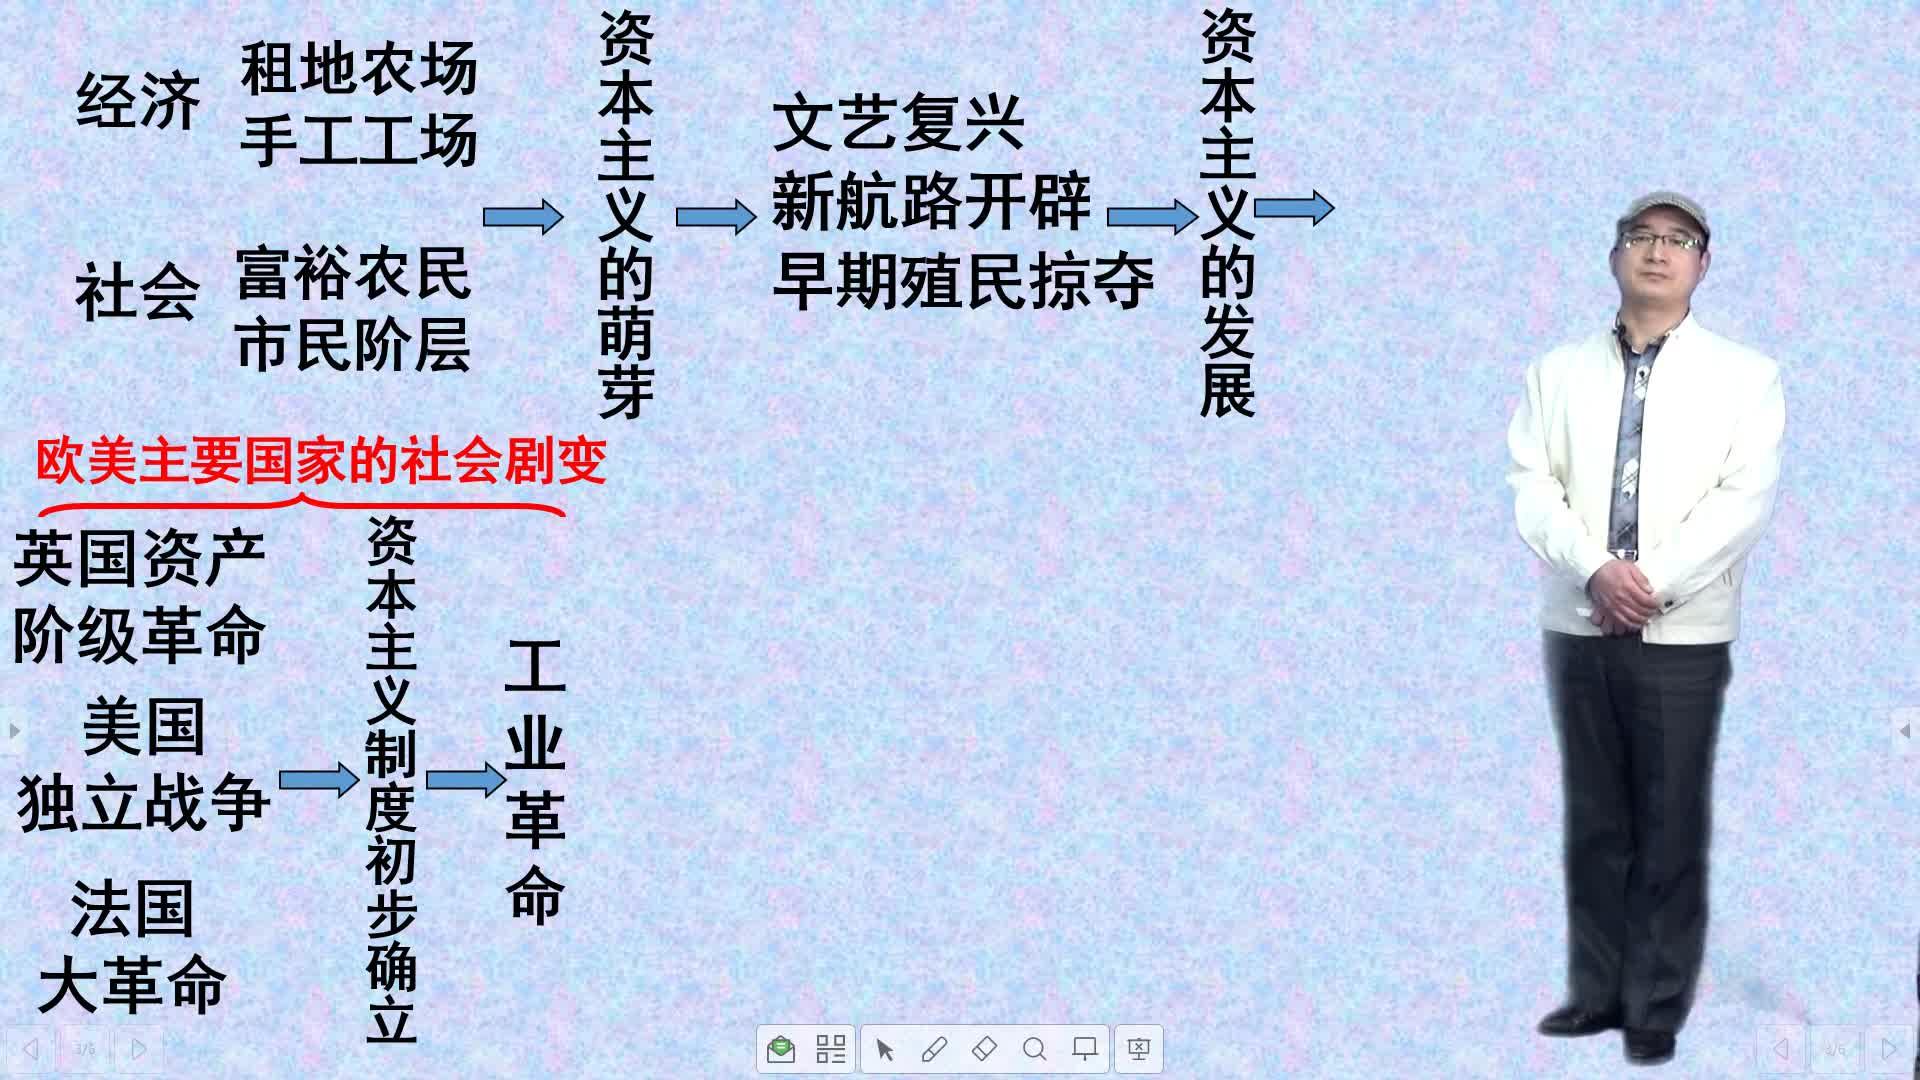 歷史--魏金德--《世界近代史知識體系(三)》